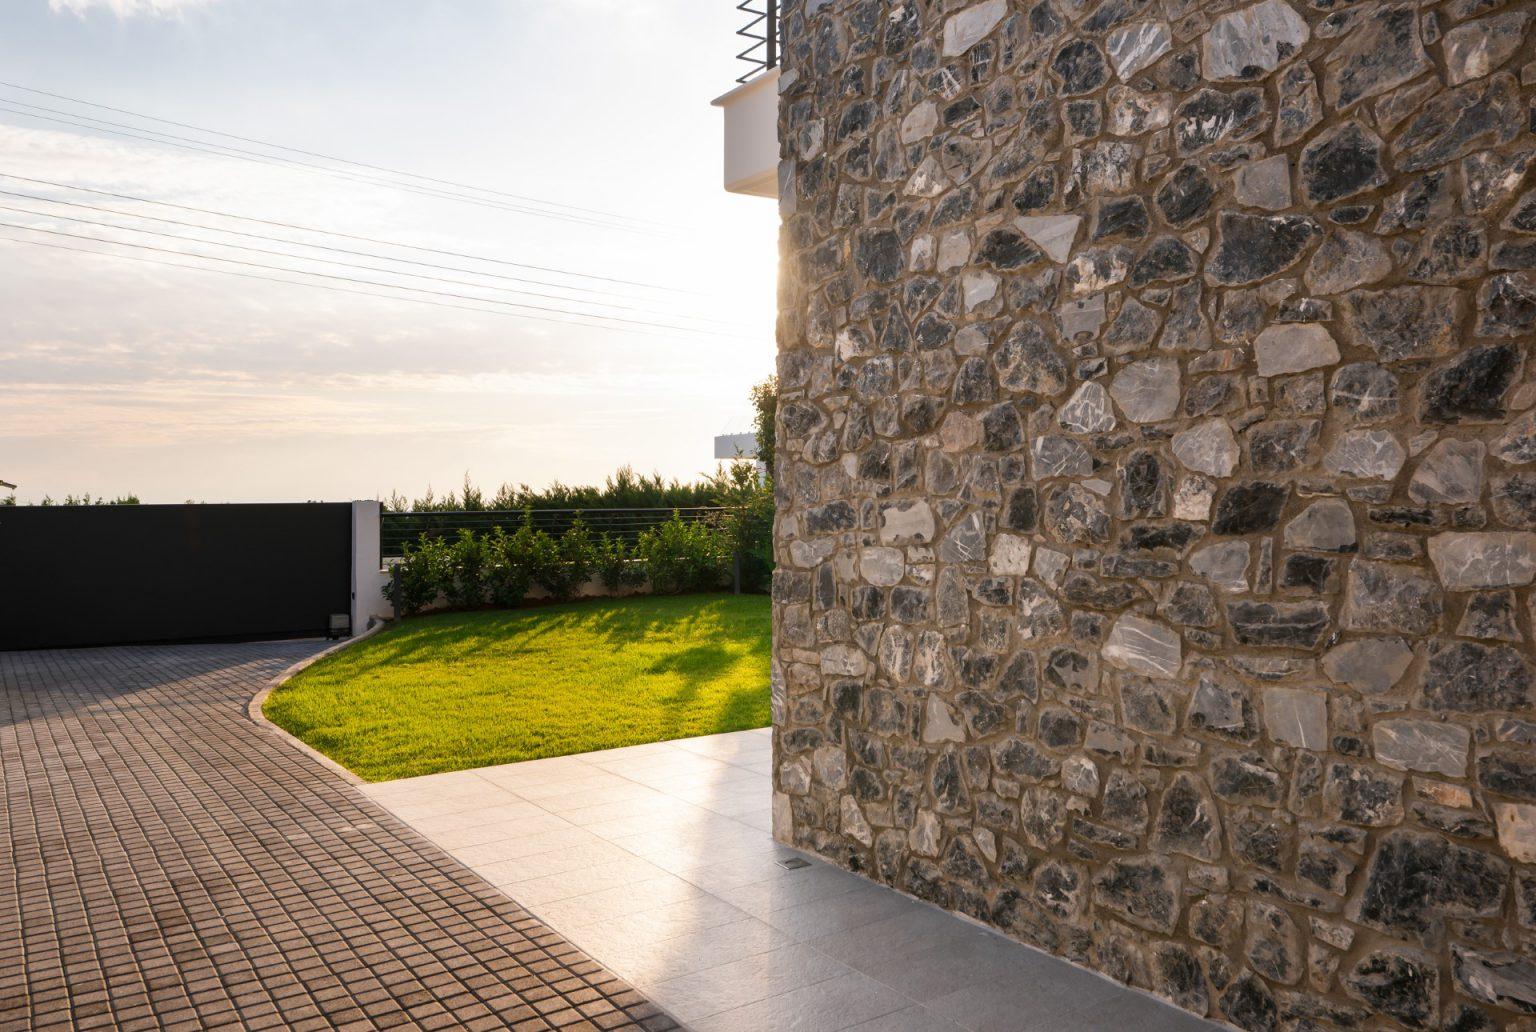 διαμόρφωση περιβάλλοντα χώρου πανόραμα θεσσαλονικη